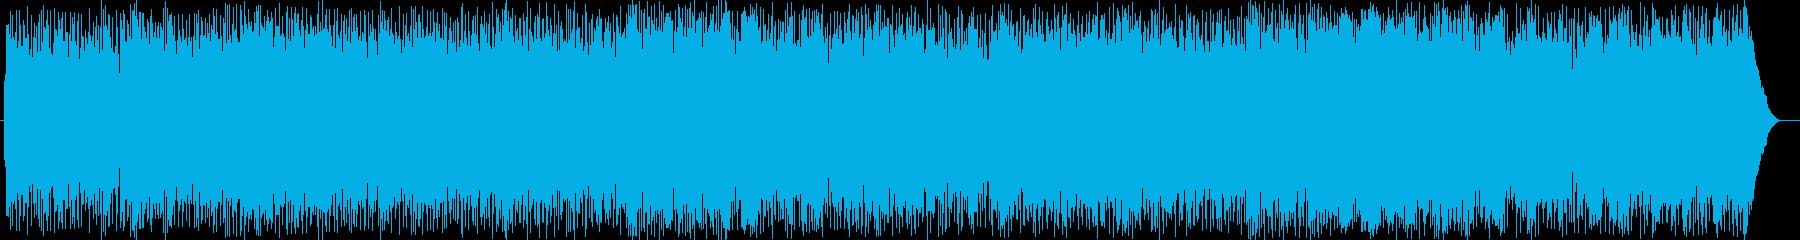 エキサイティングなギターフュージョンの再生済みの波形